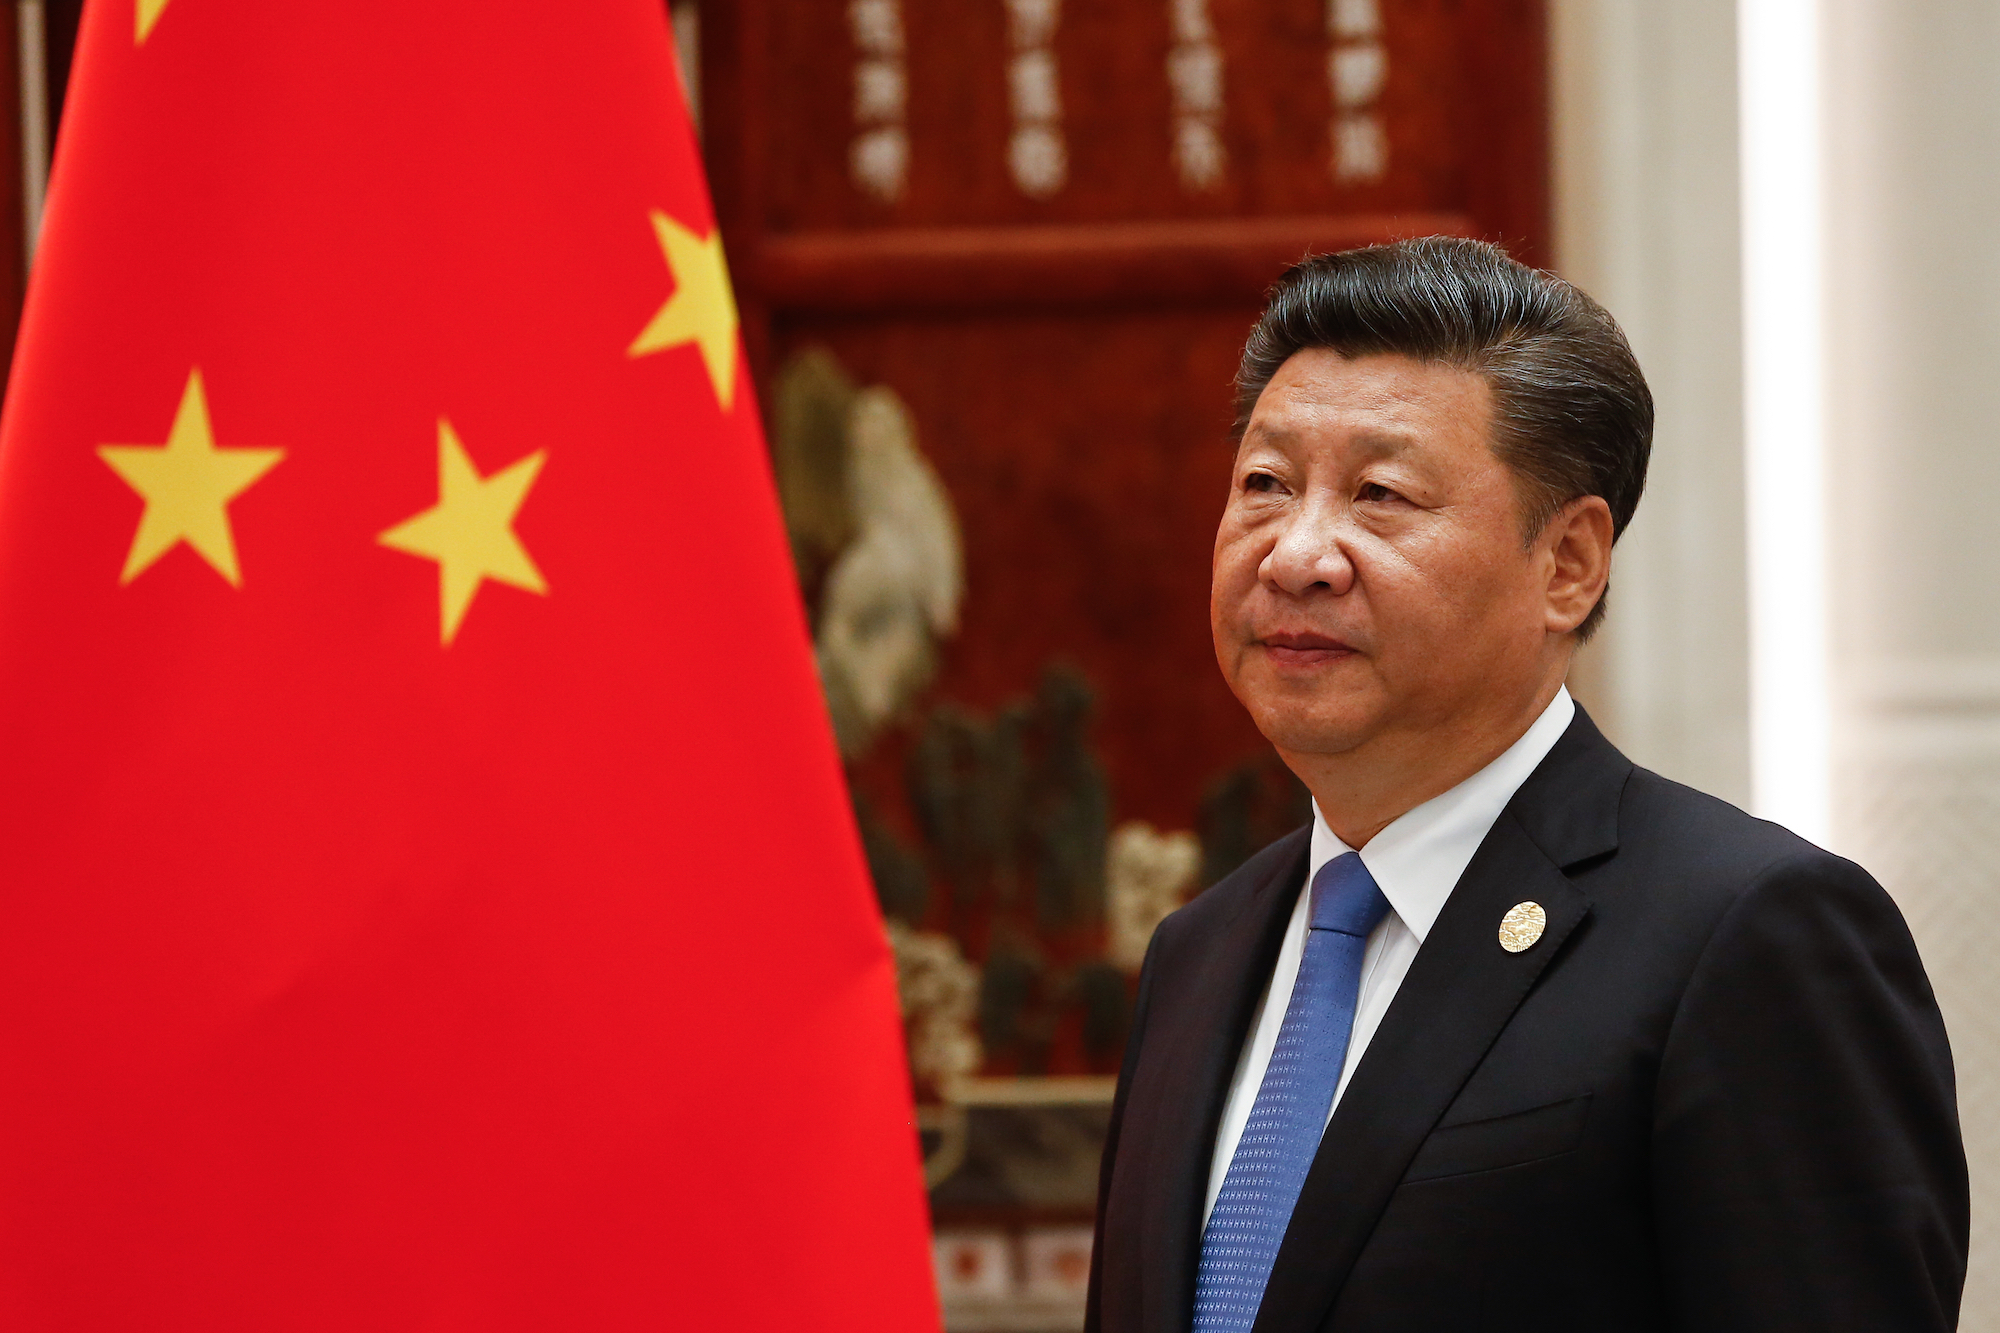 Xi Jinping długo zwlekał ze złożeniem gratulacji Joe Bidenowi. Fot. shutterstock